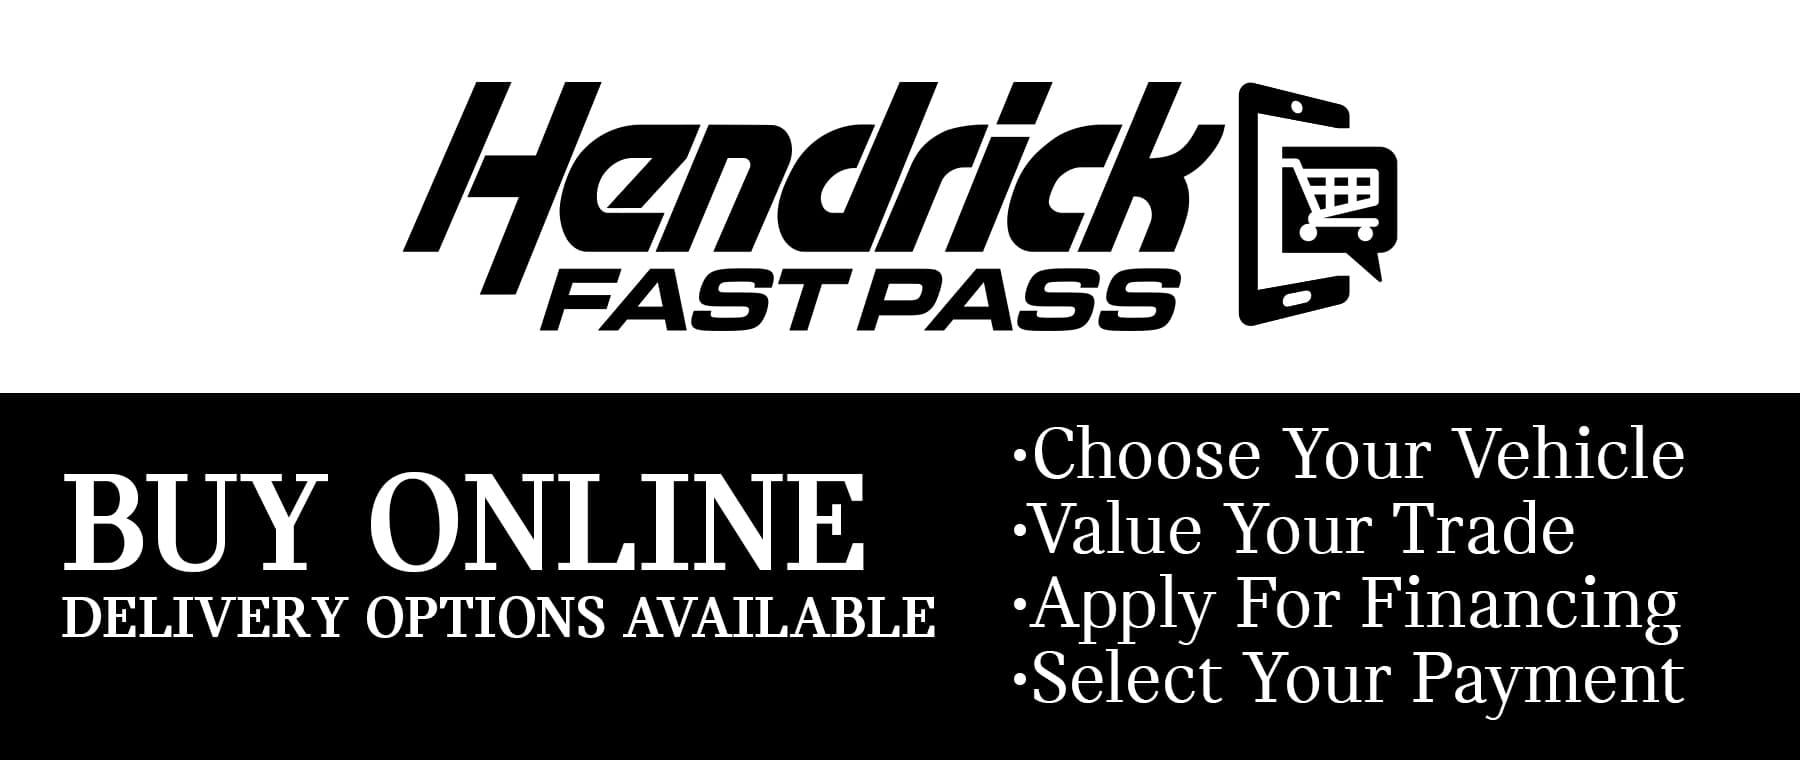 Hendrick-Fast-Pass-May21_TR_1800x760 (3)